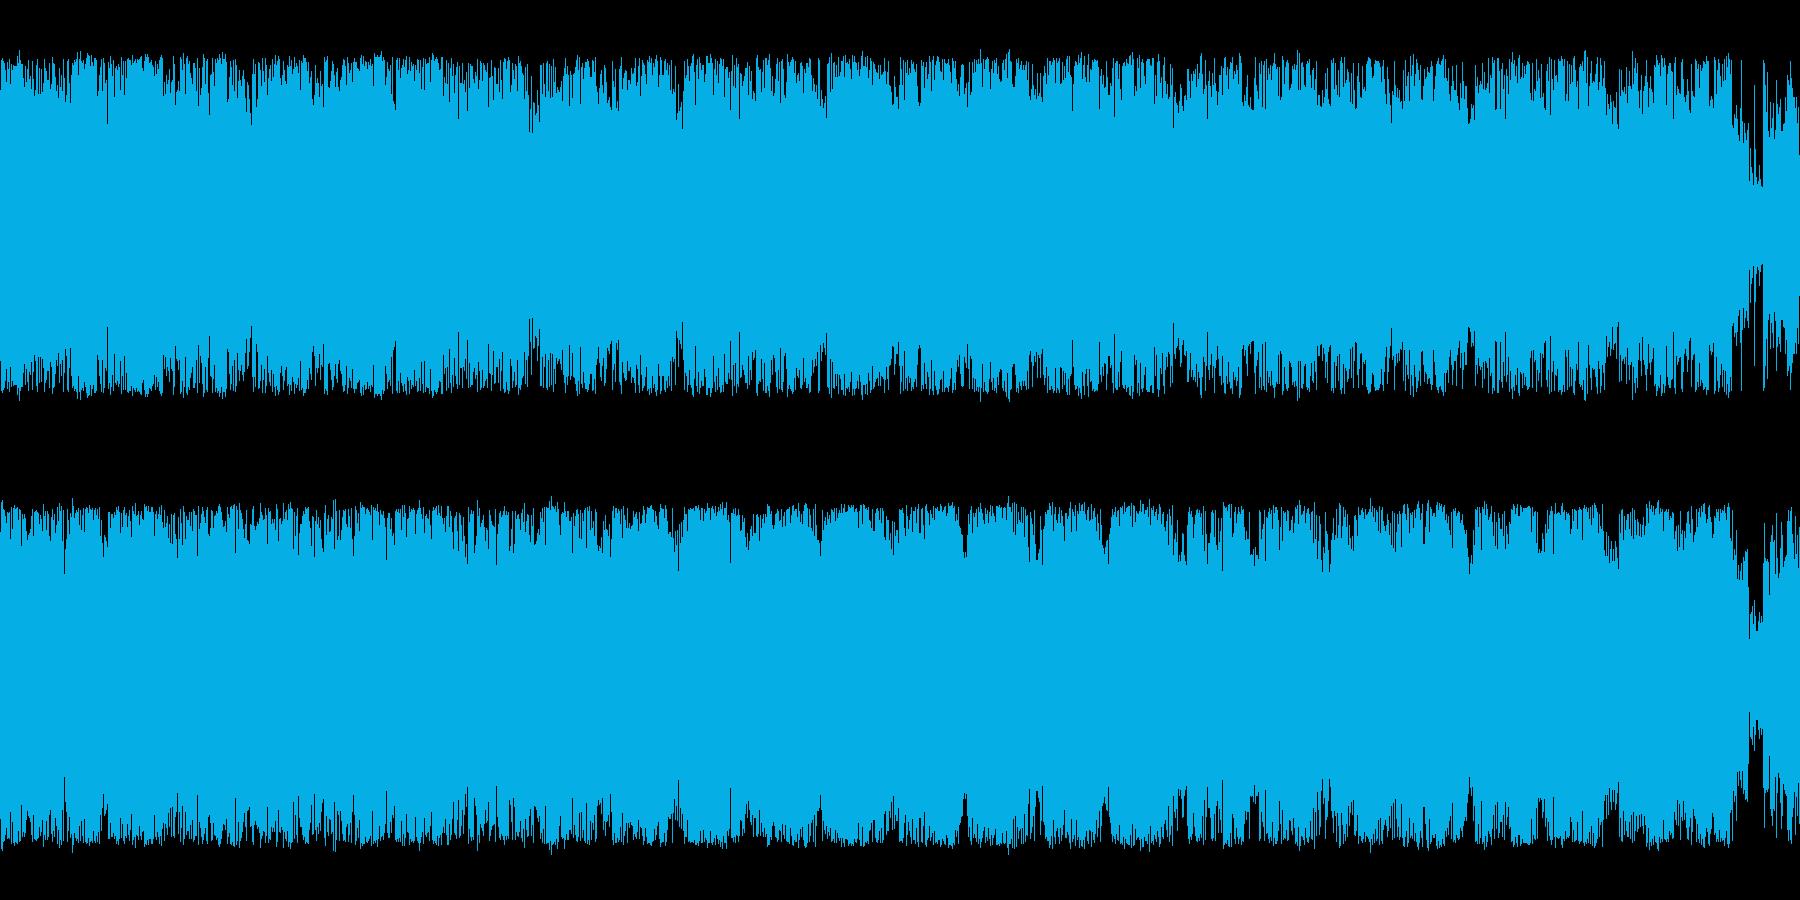 オーケストラとクワイア編成の森っぽいダ…の再生済みの波形